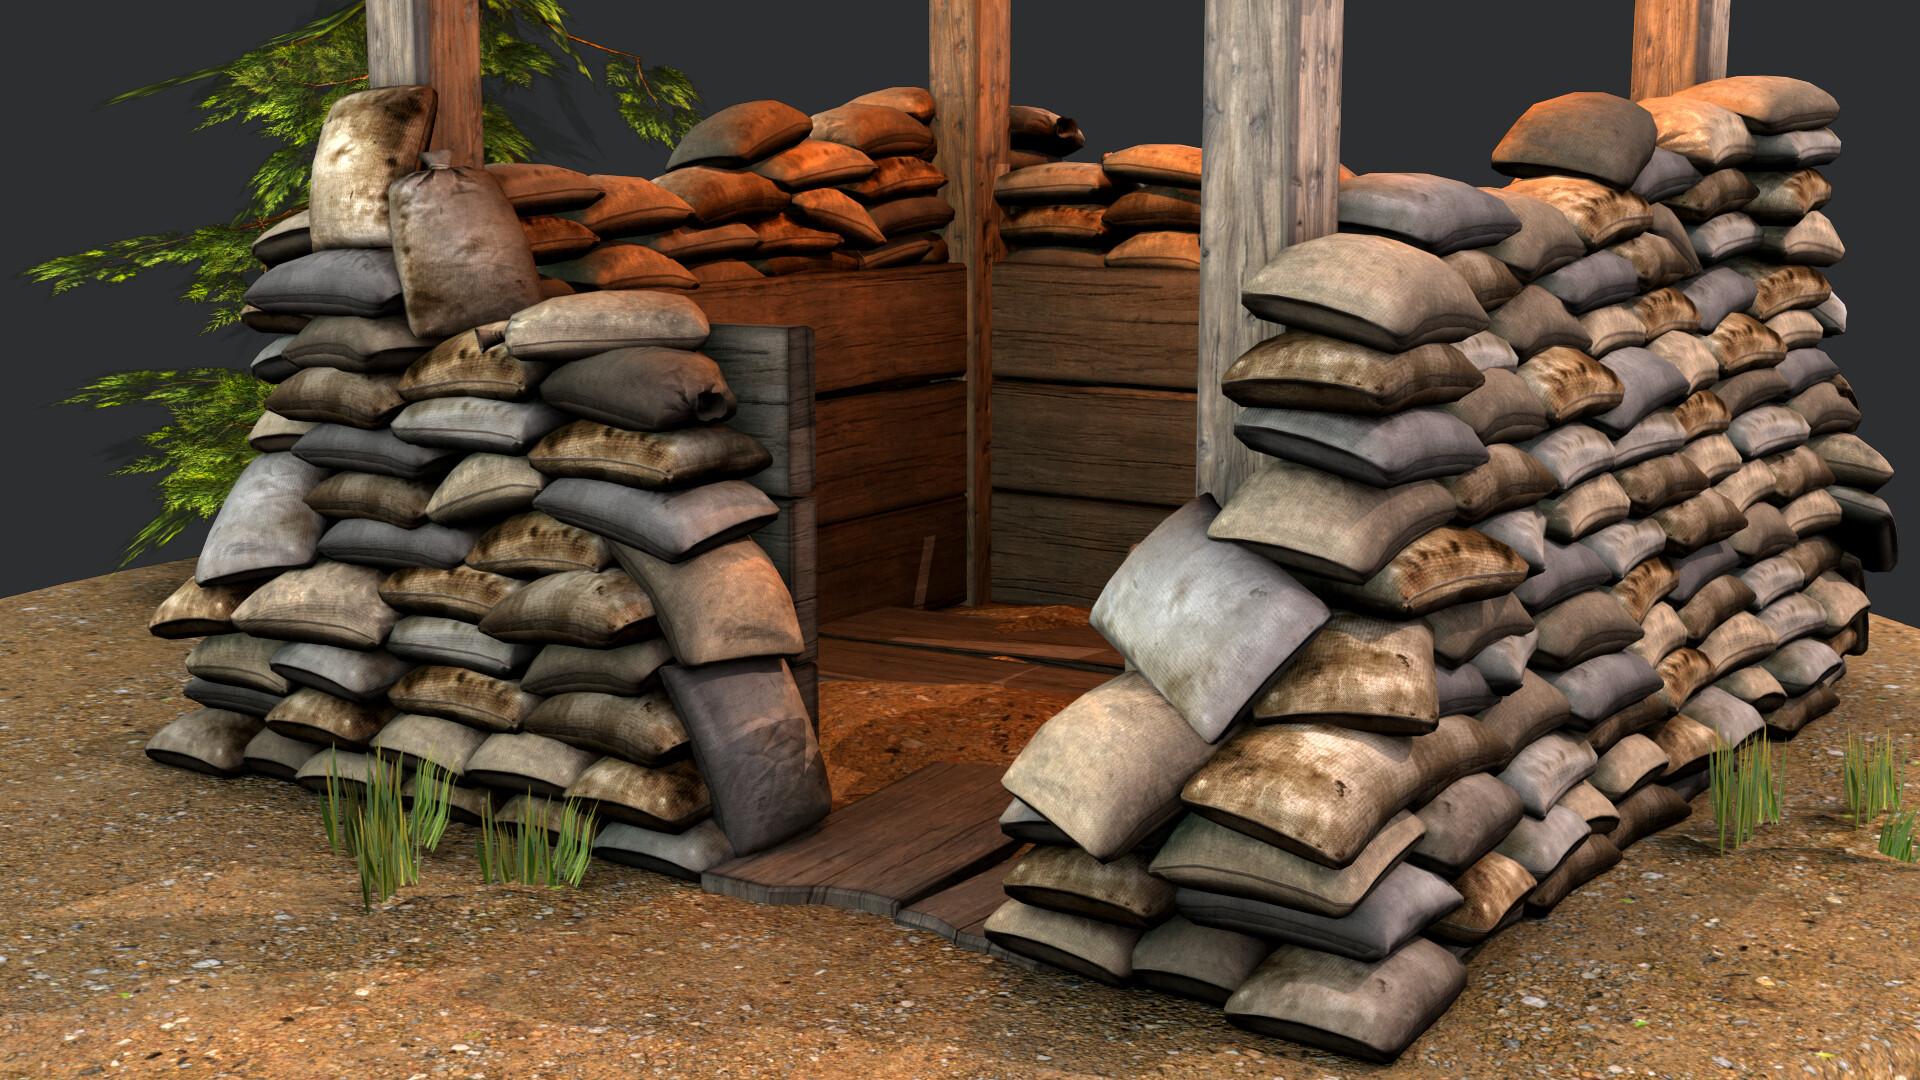 Jordan cameron sandbag bunker 16